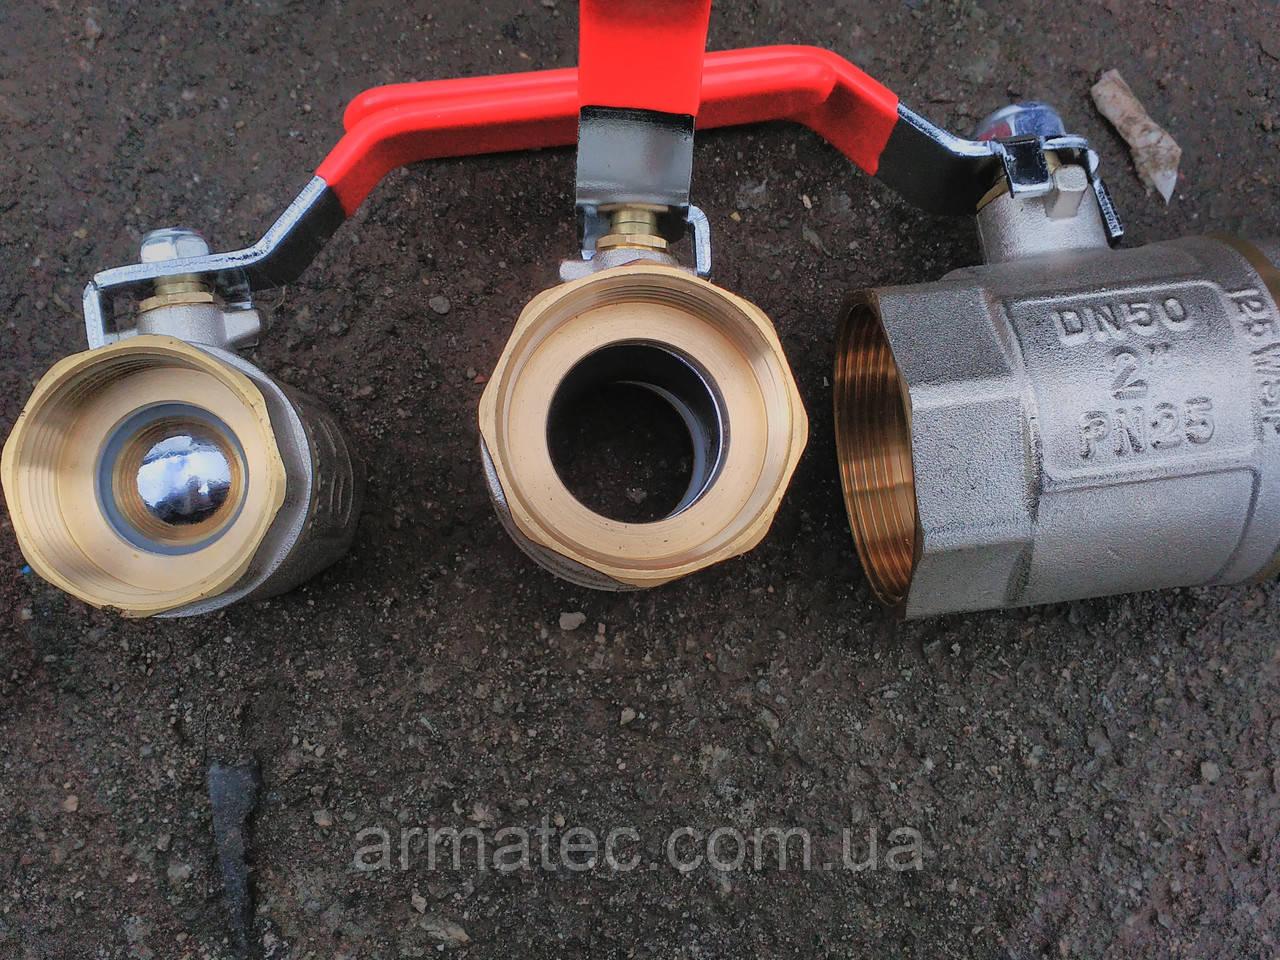 Кран шаровой Ду15 Ру25 В/В Эконом